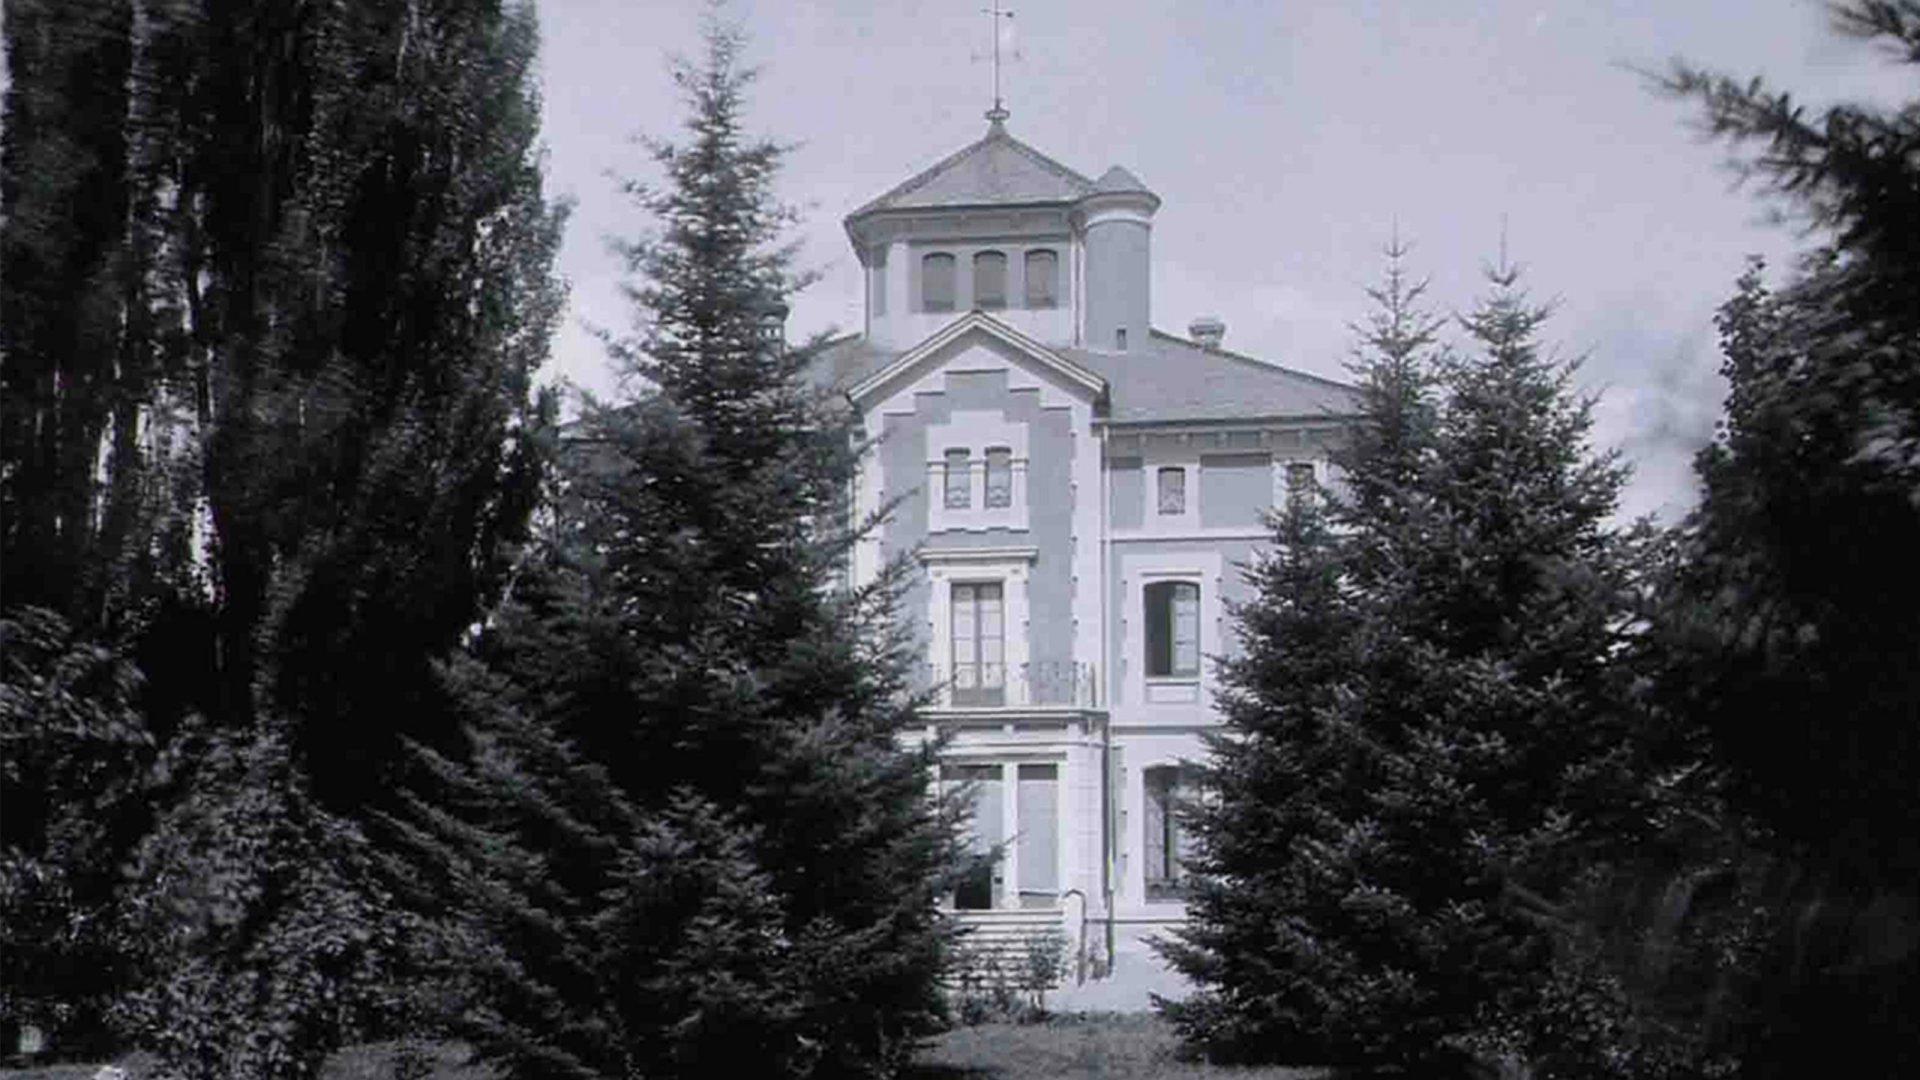 Imatge de la casa gran de Casa mata del segle XIX